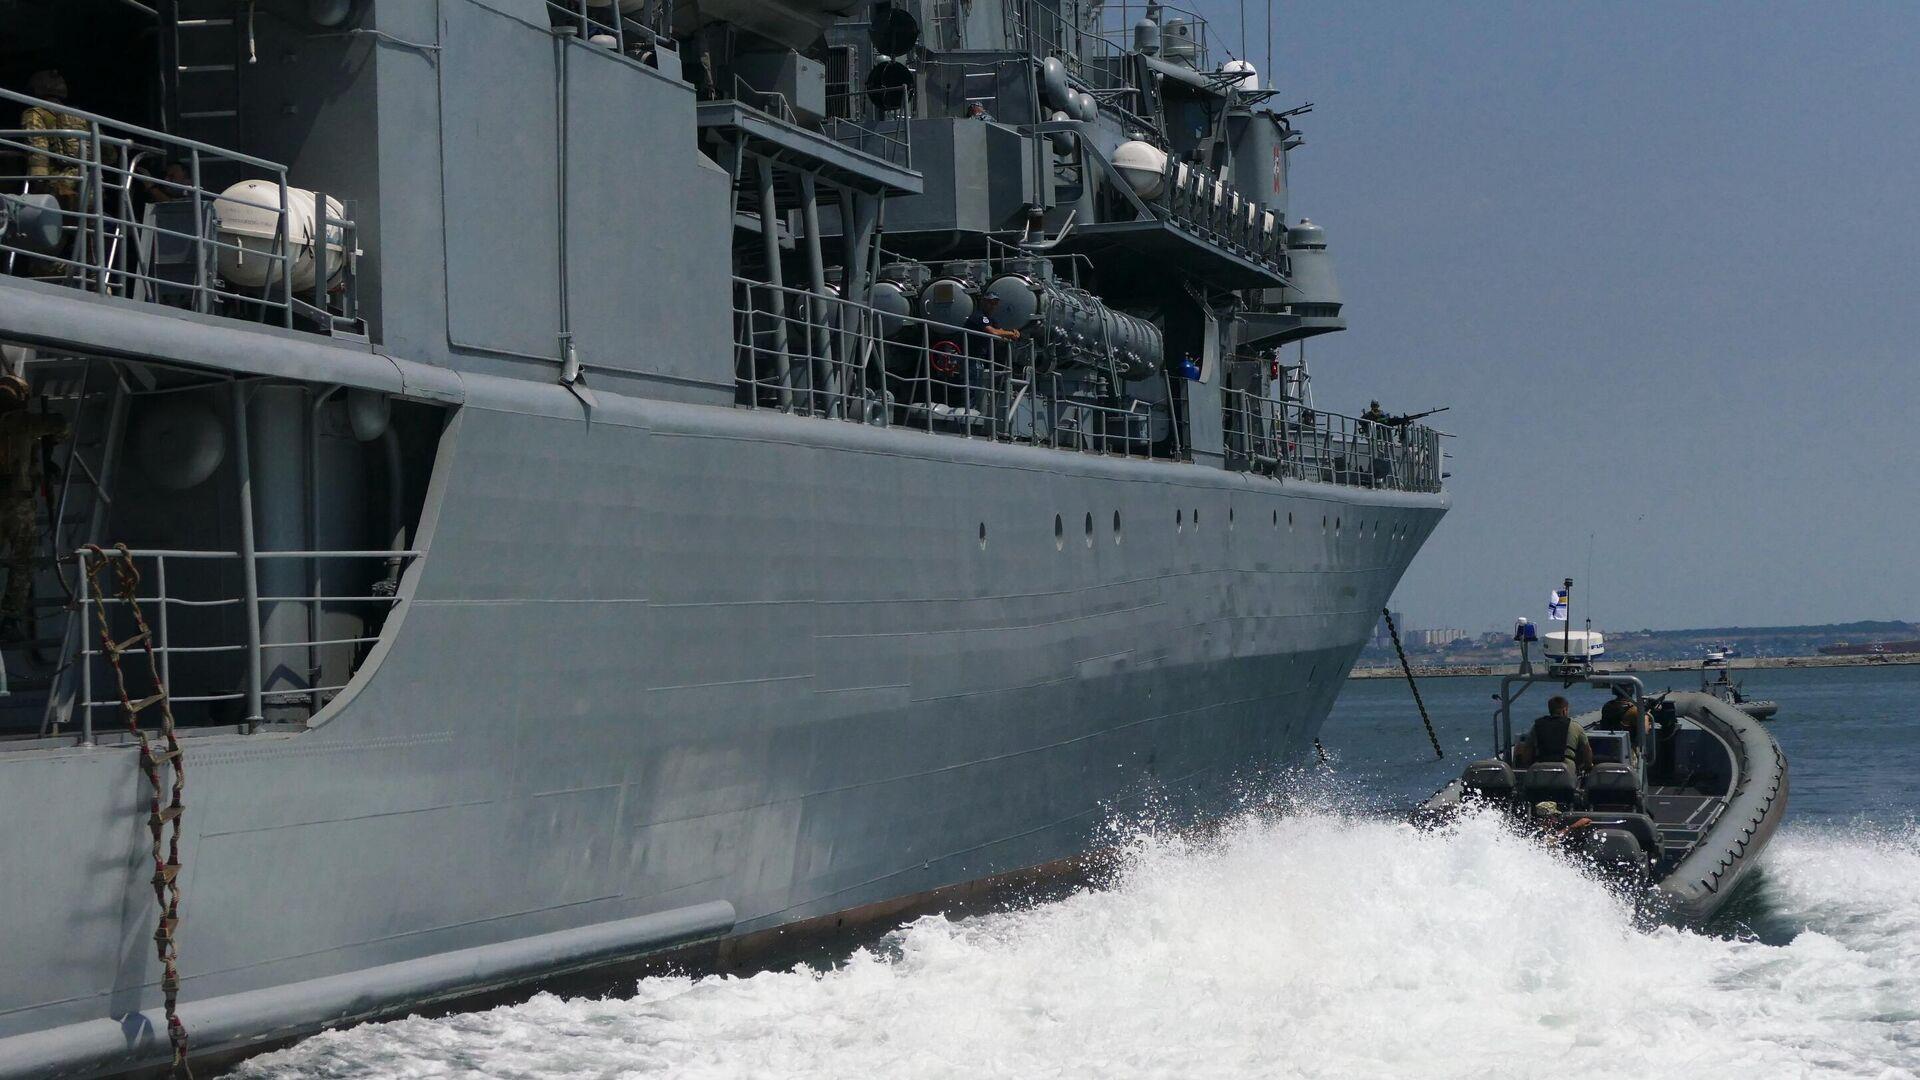 Военнослужащие армии Украины отрабатывают действия против захвата кораблей в Черном море - РИА Новости, 1920, 01.12.2020